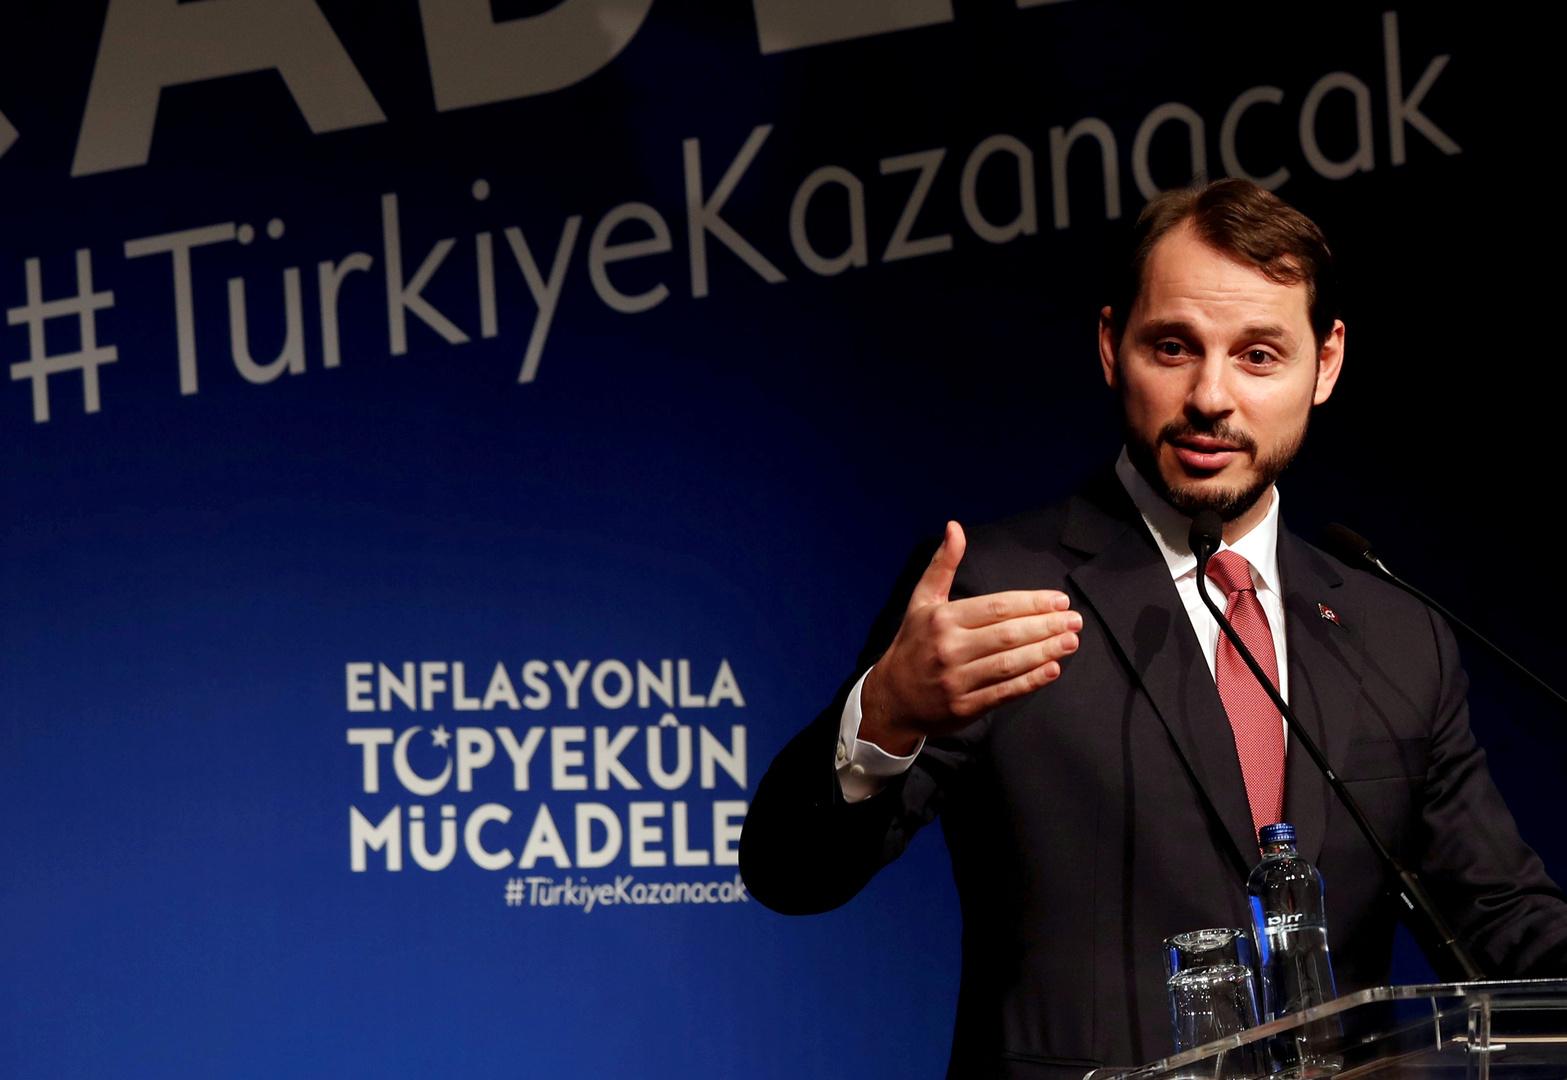 صهر أردوغان يستقيل من منصب آخر